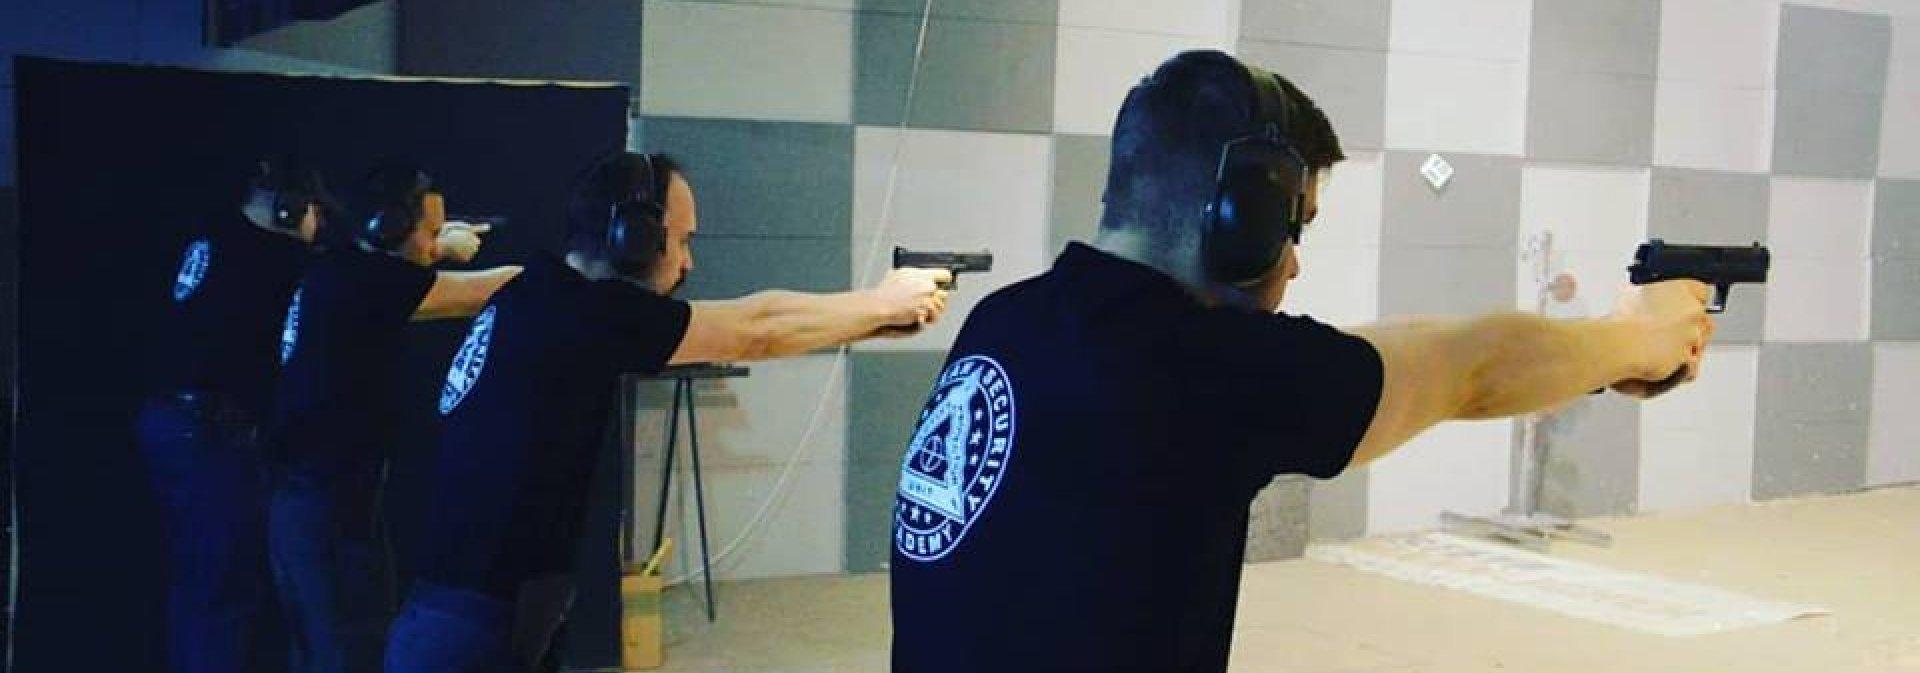 Poligon de tir Cluj Shooting Center, Cluj-Napoca, Cluj